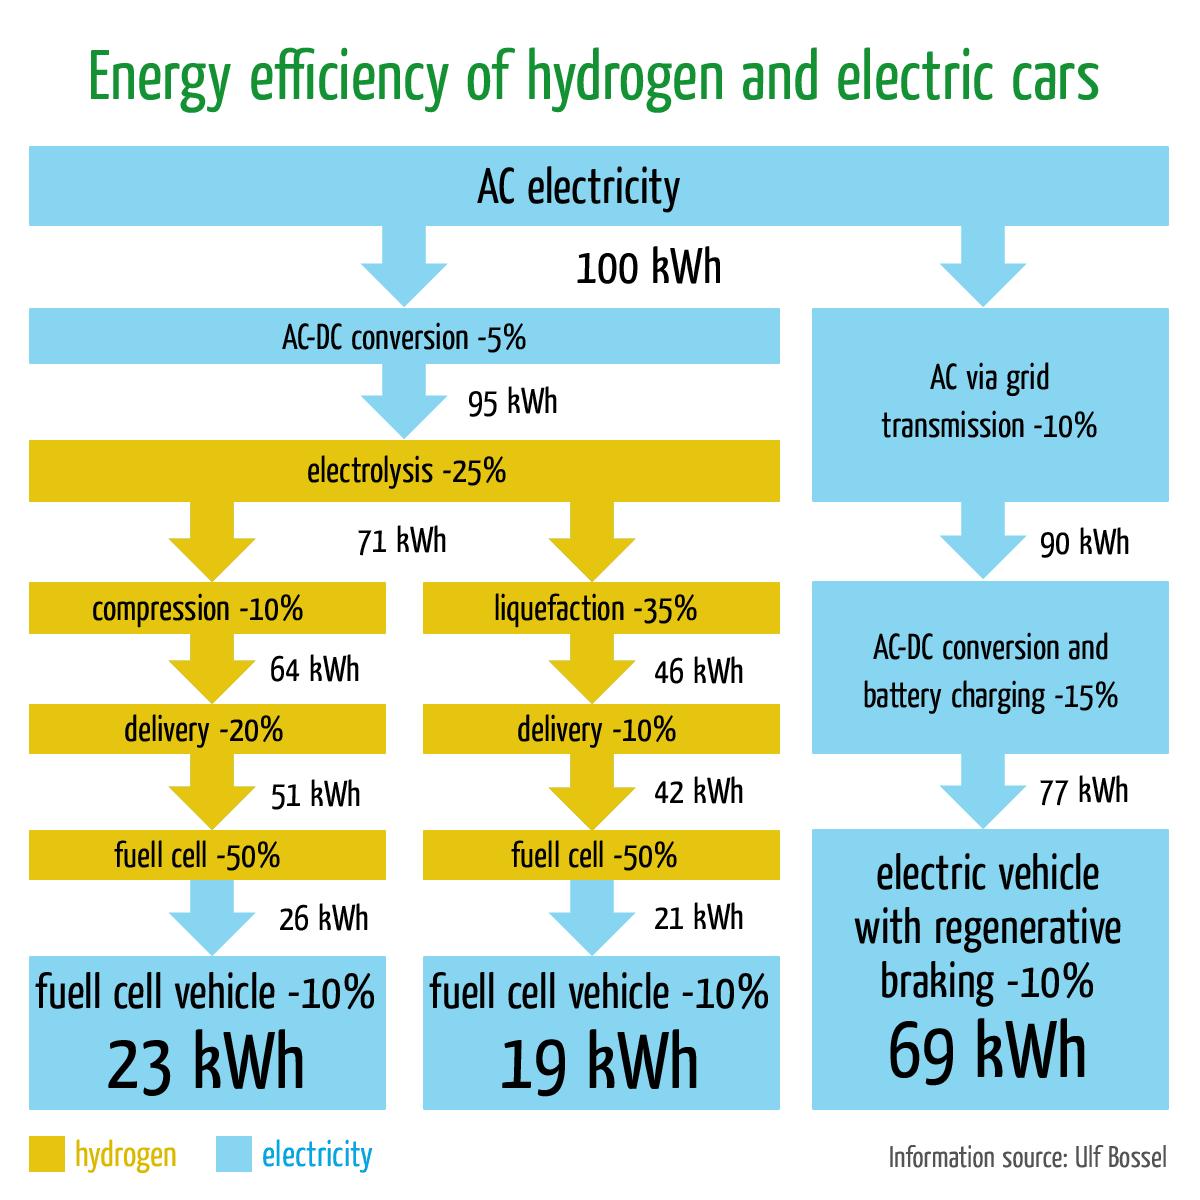 učinkovitost vodika in baterije